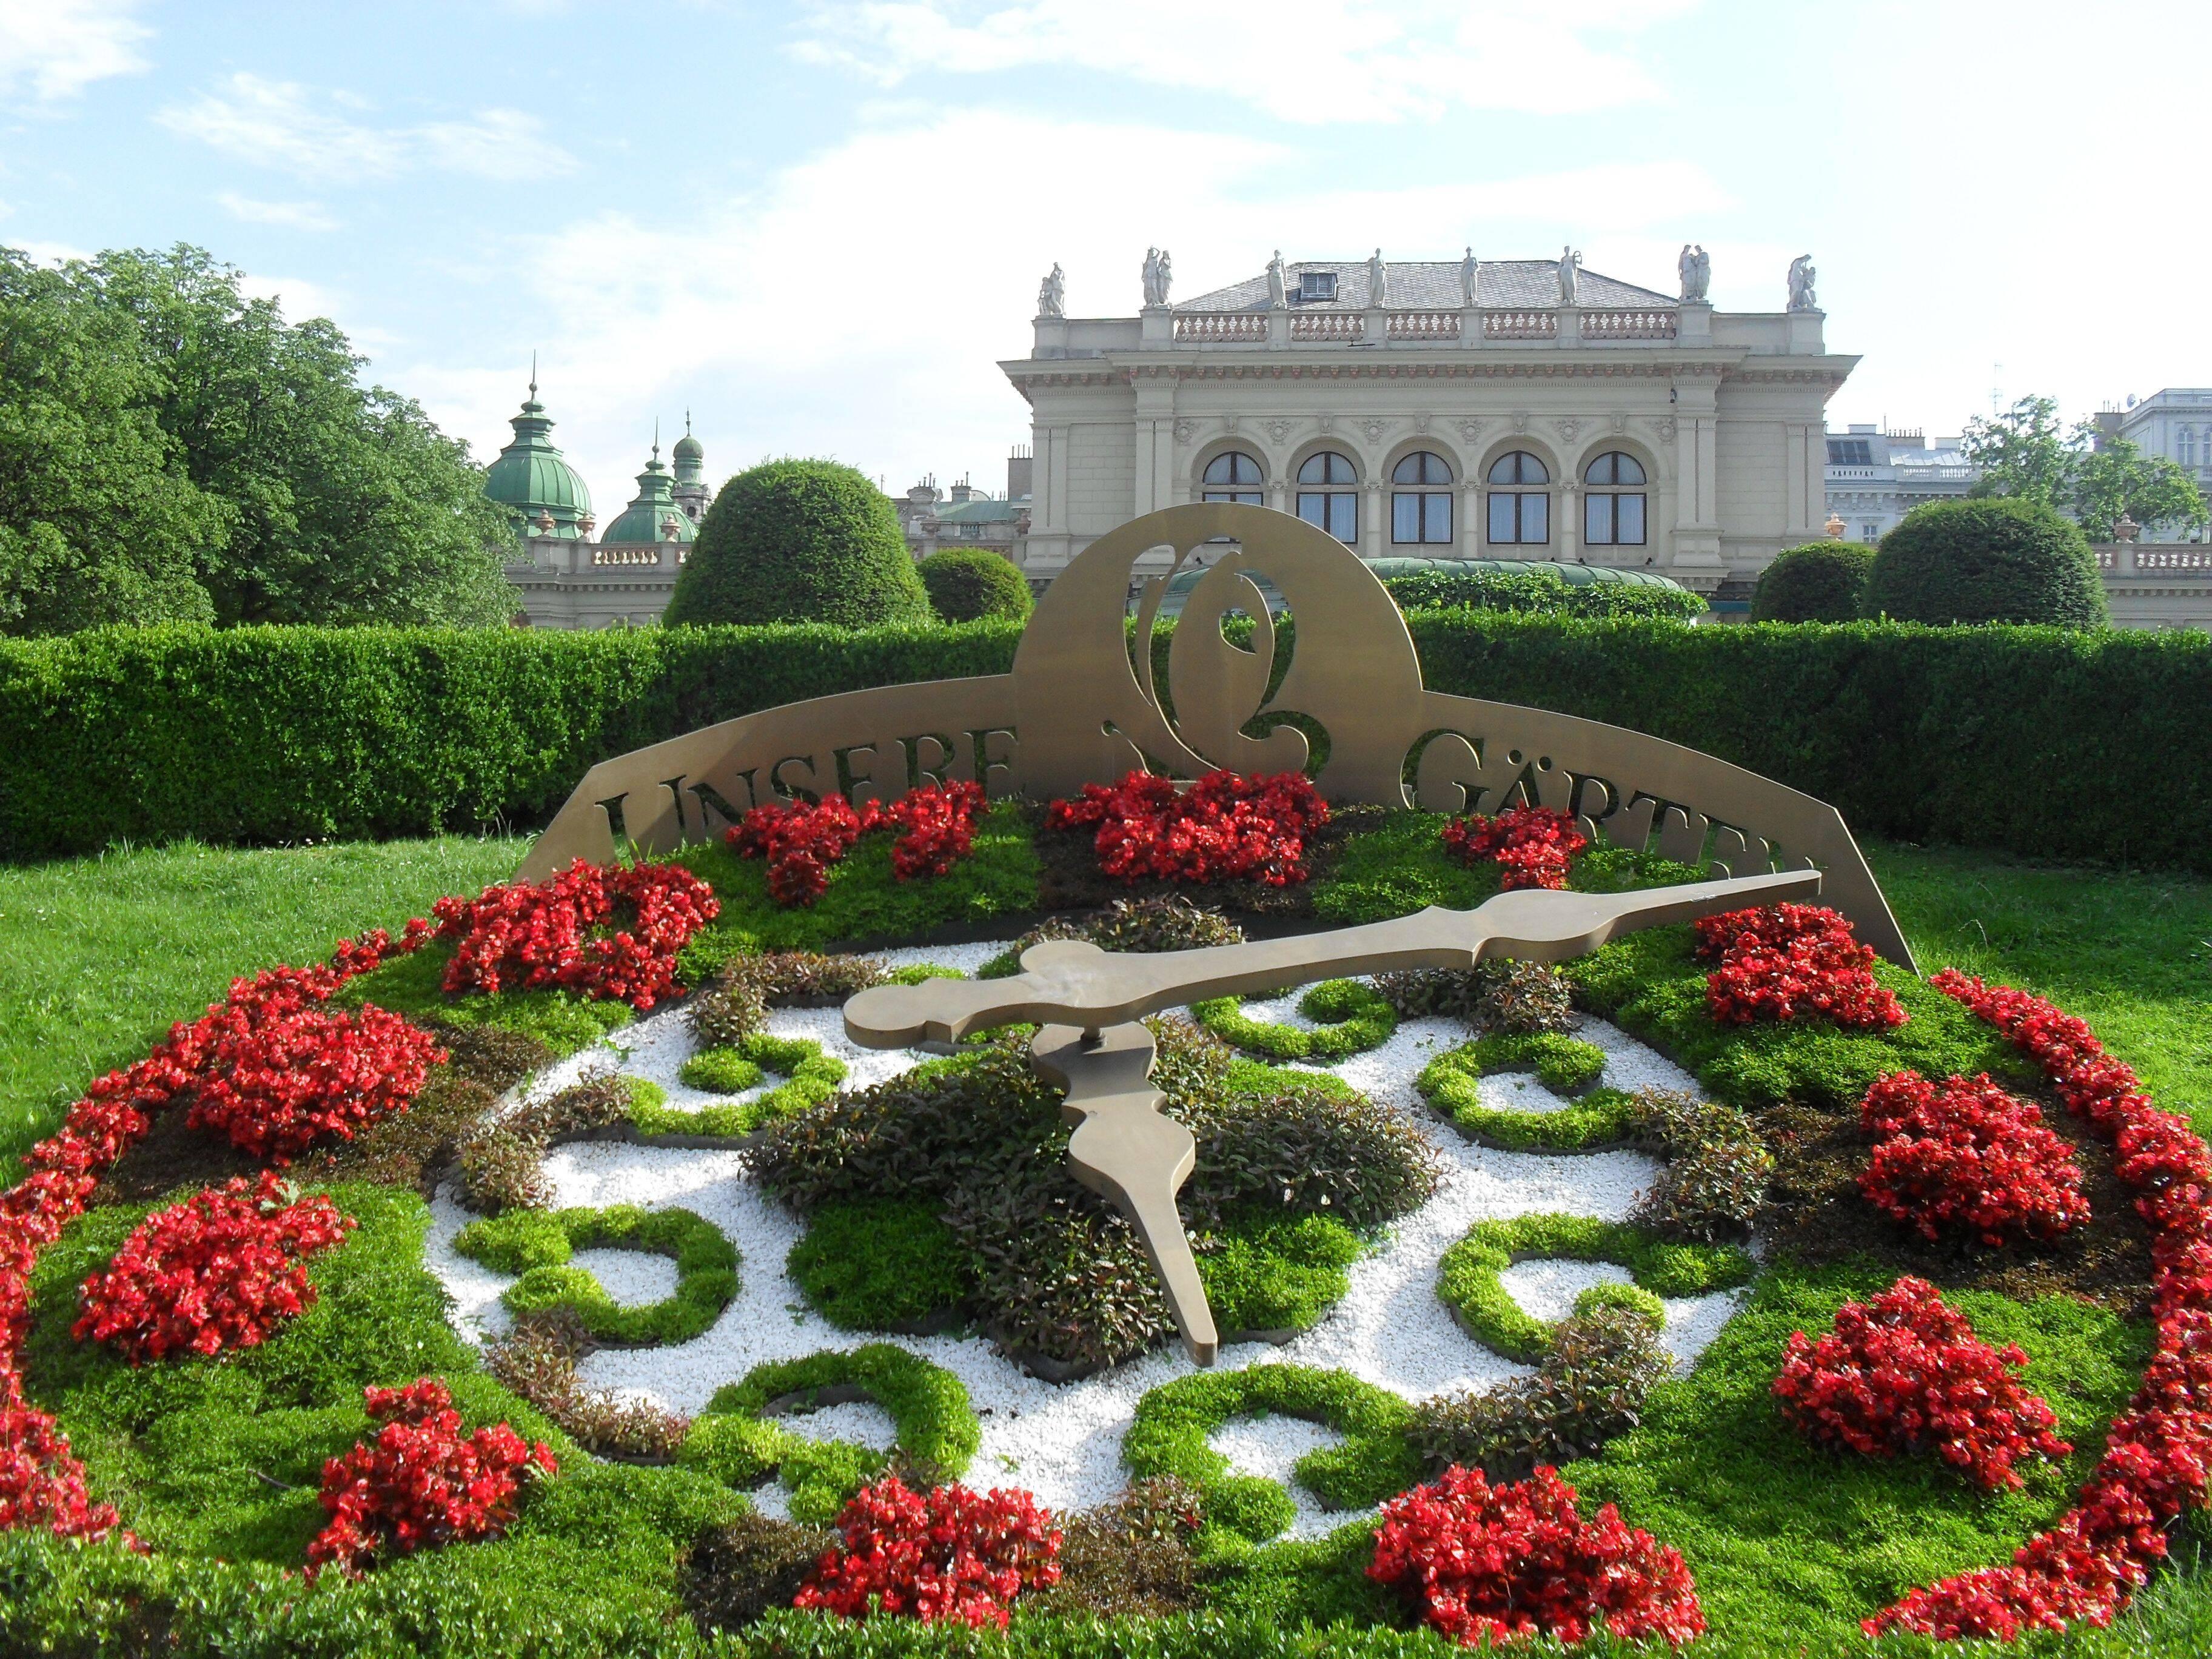 Quem gosta de jardins vai adorar os recortes em estilo inglês do Stadtpark. Foto: Reprodução/Pinterest